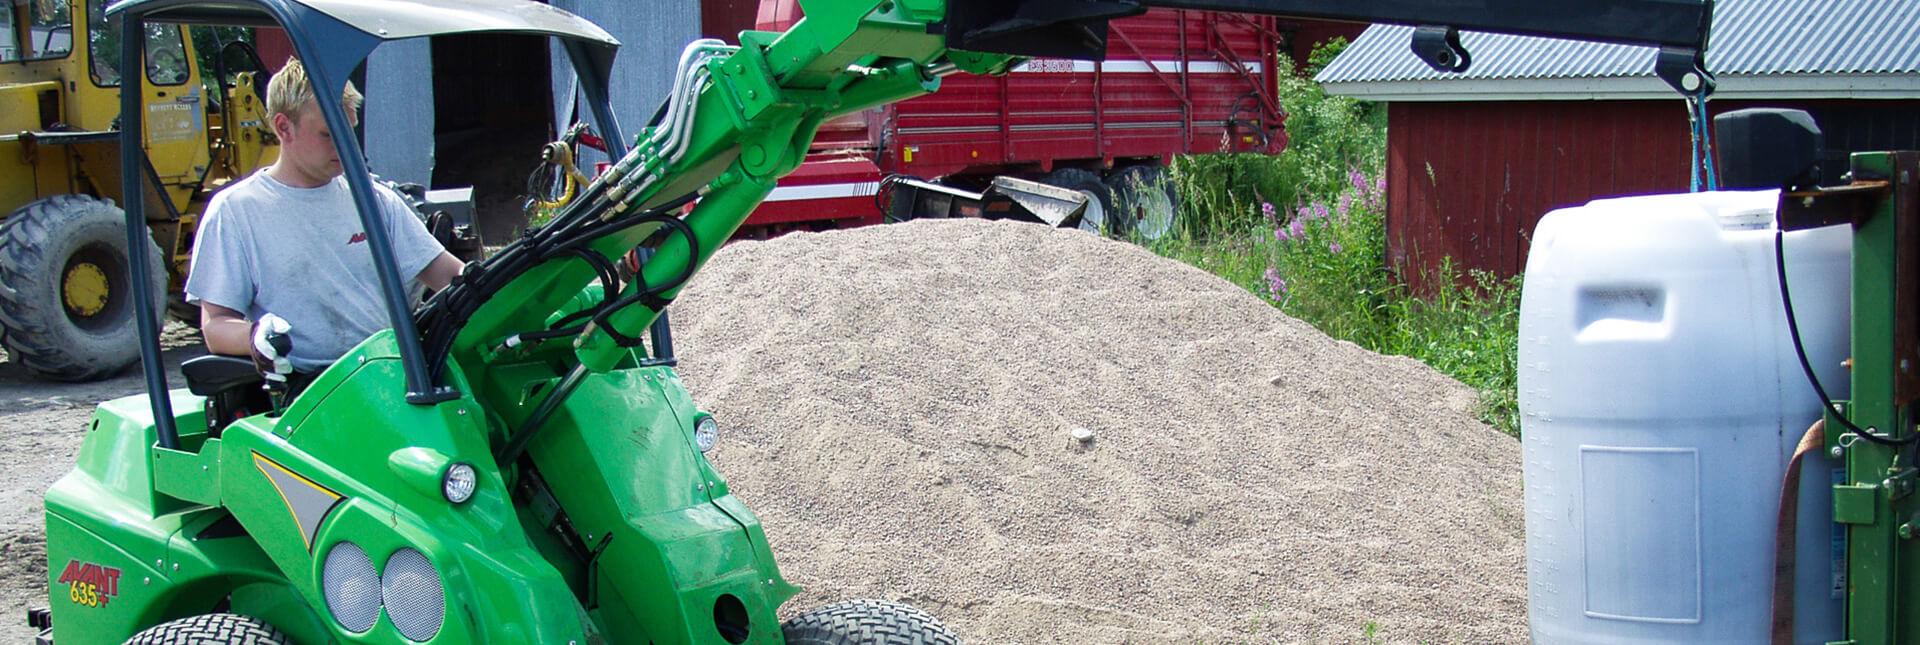 arbejdsbillede af kranarm på en avant minilæsser, kører med en stor sæk